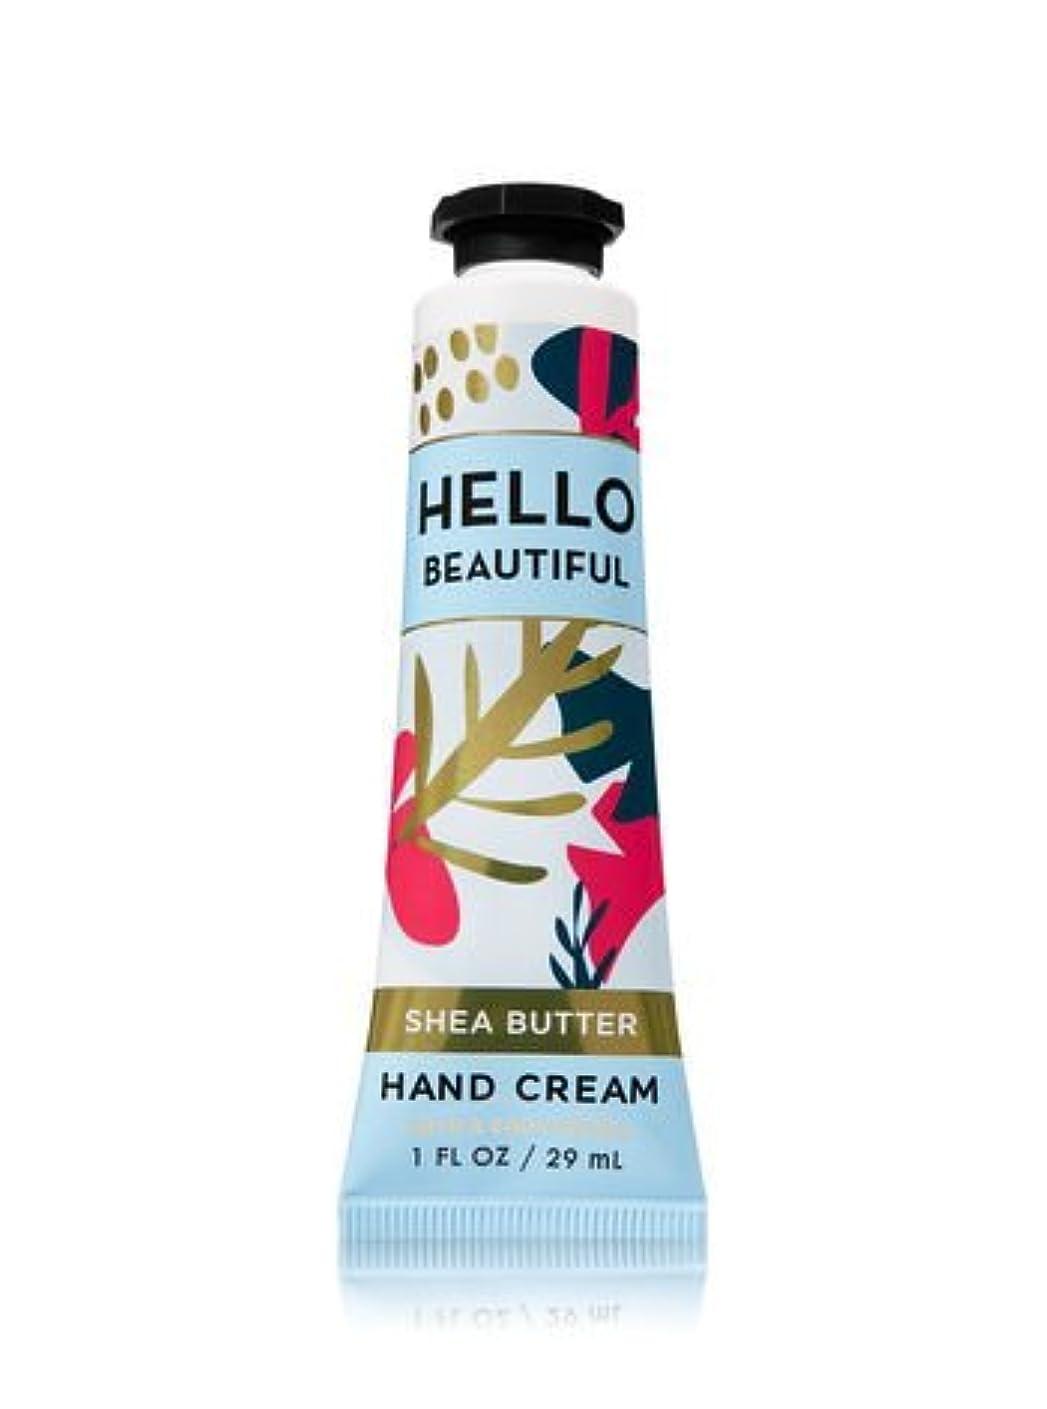 離れた形状劇的【Bath&Body Works/バス&ボディワークス】 シアバター ハンドクリーム ハロービューティフル Shea Butter Hand Cream Hello Beautiful 1 fl oz / 29 mL [並行輸入品]